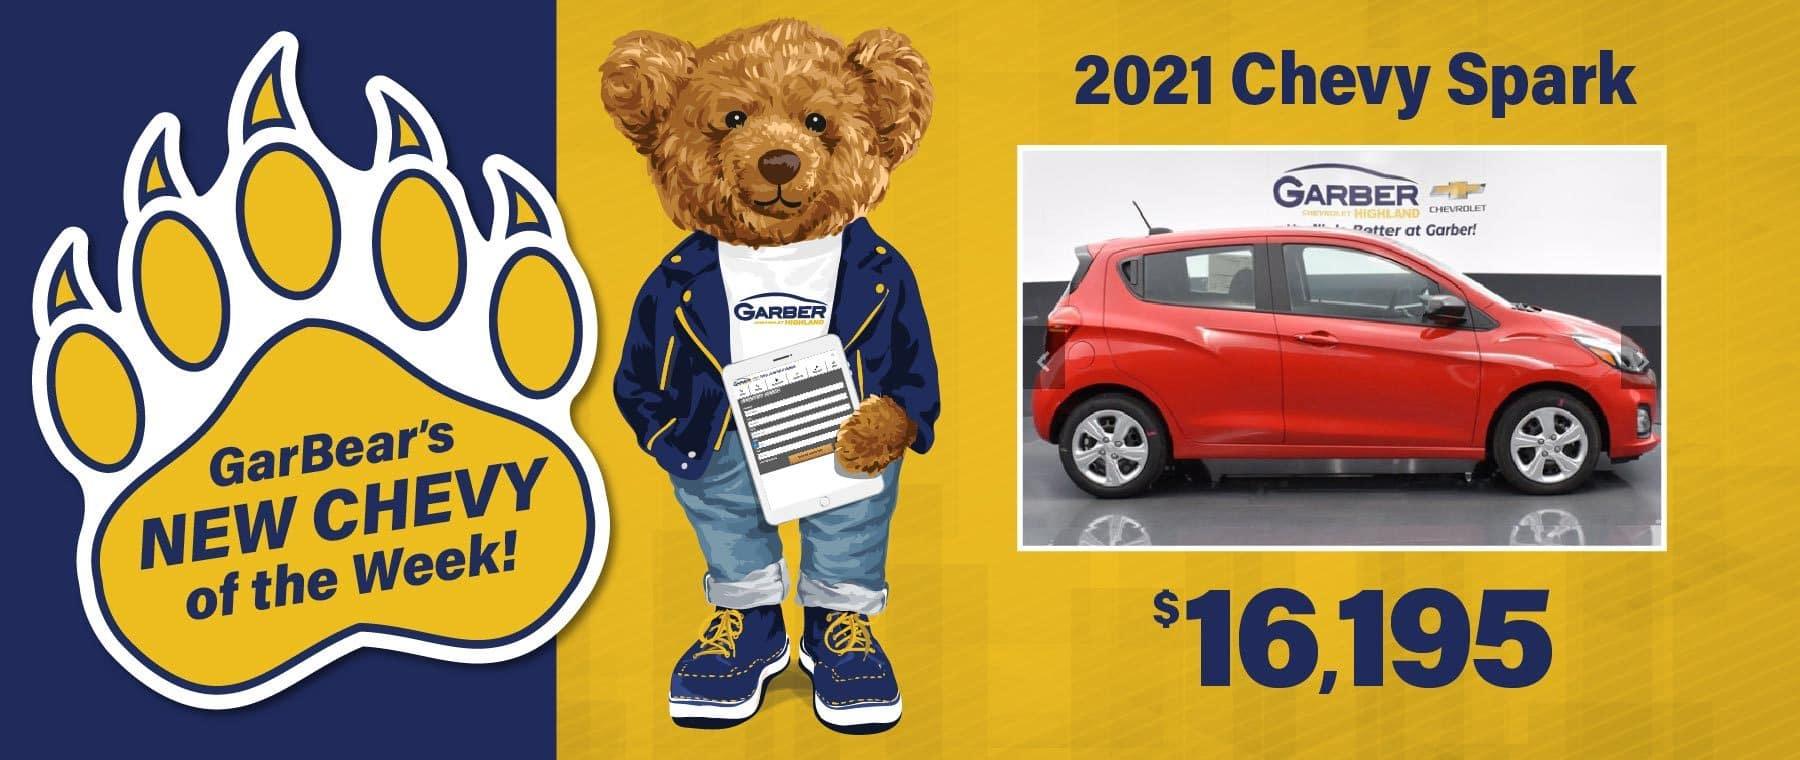 2021 Chevy Spark $16,195